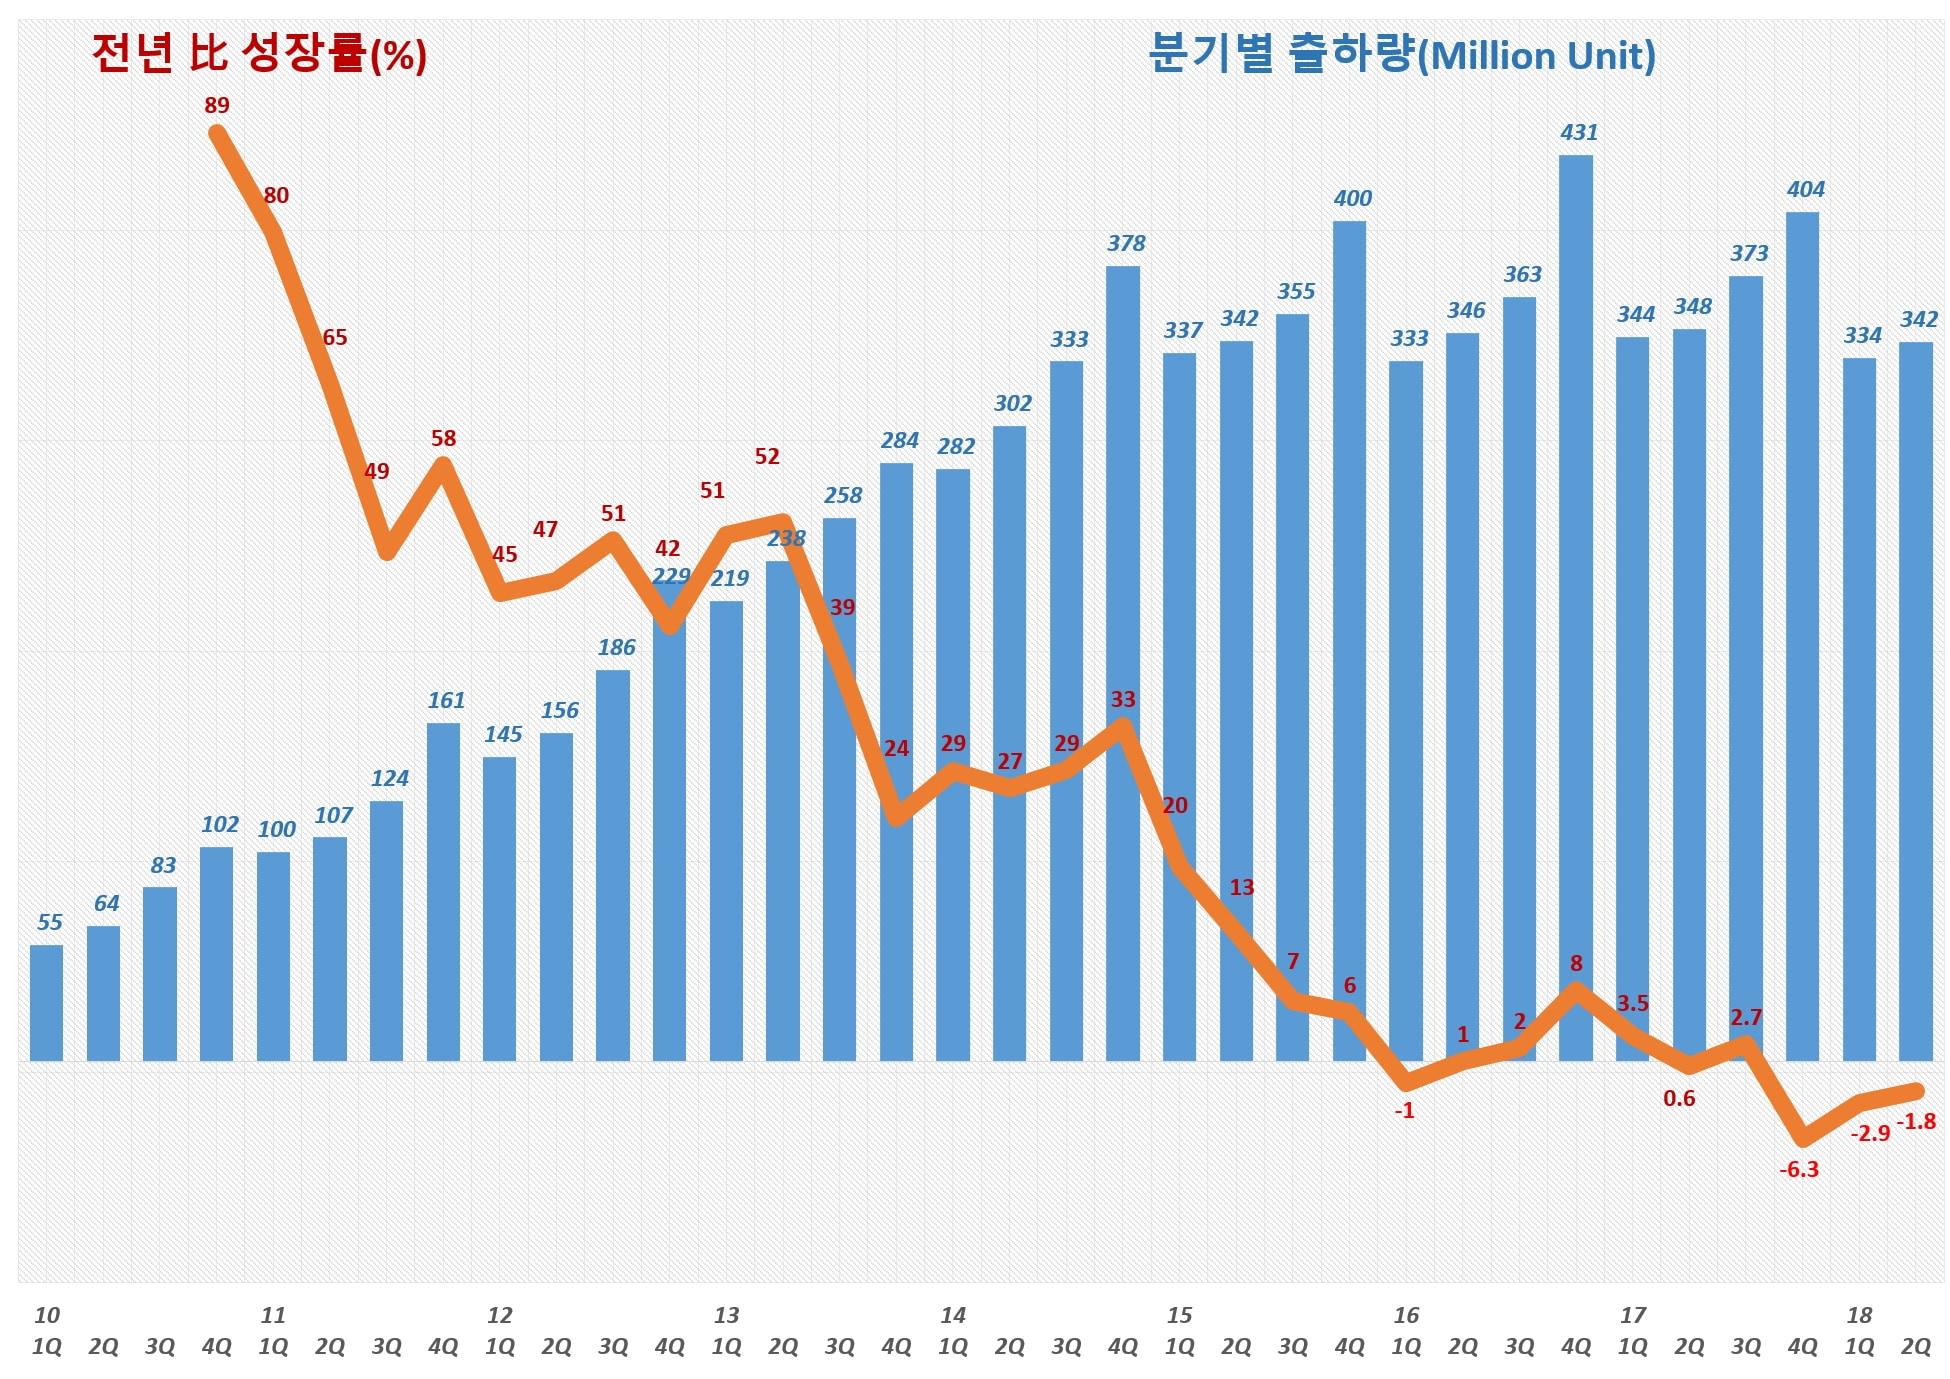 2018년 2븐기까지 스마트폰 출하량 추이(2010년 1Q ~ 2018년 2Q)